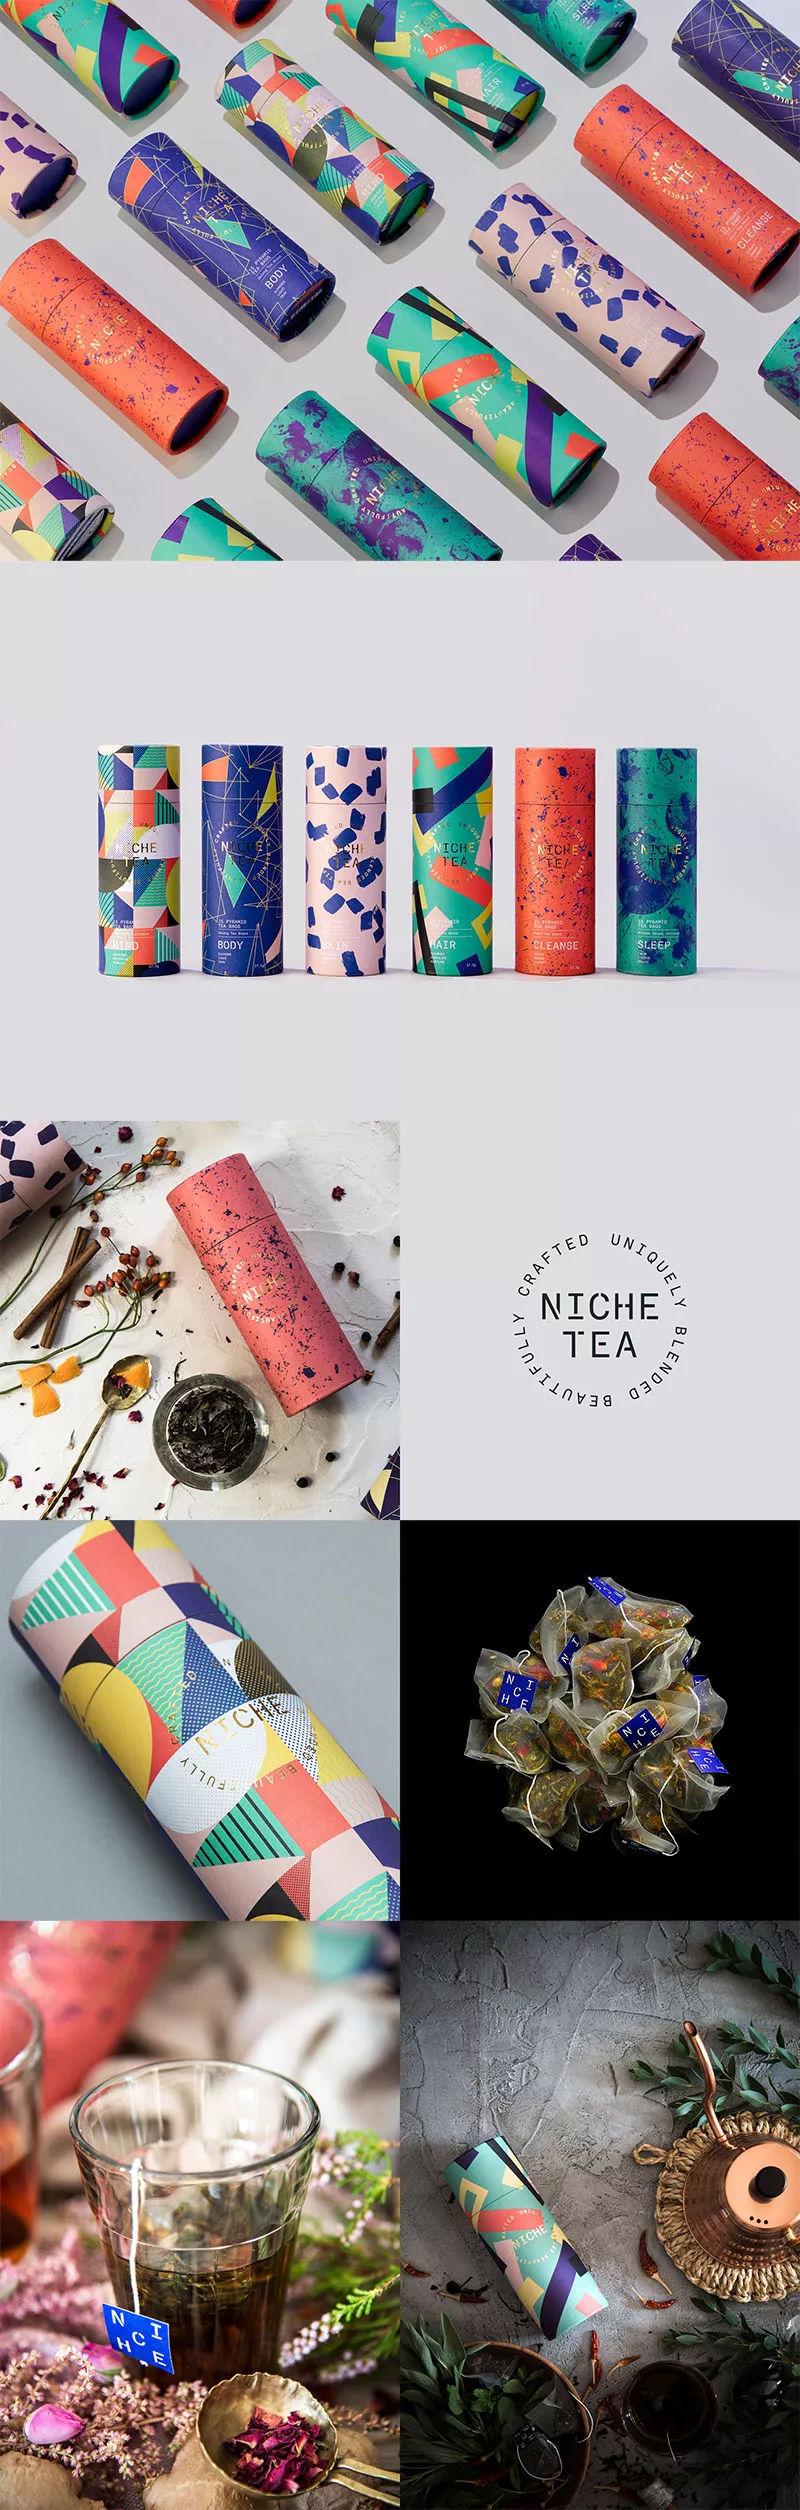 茶品牌与包装设计